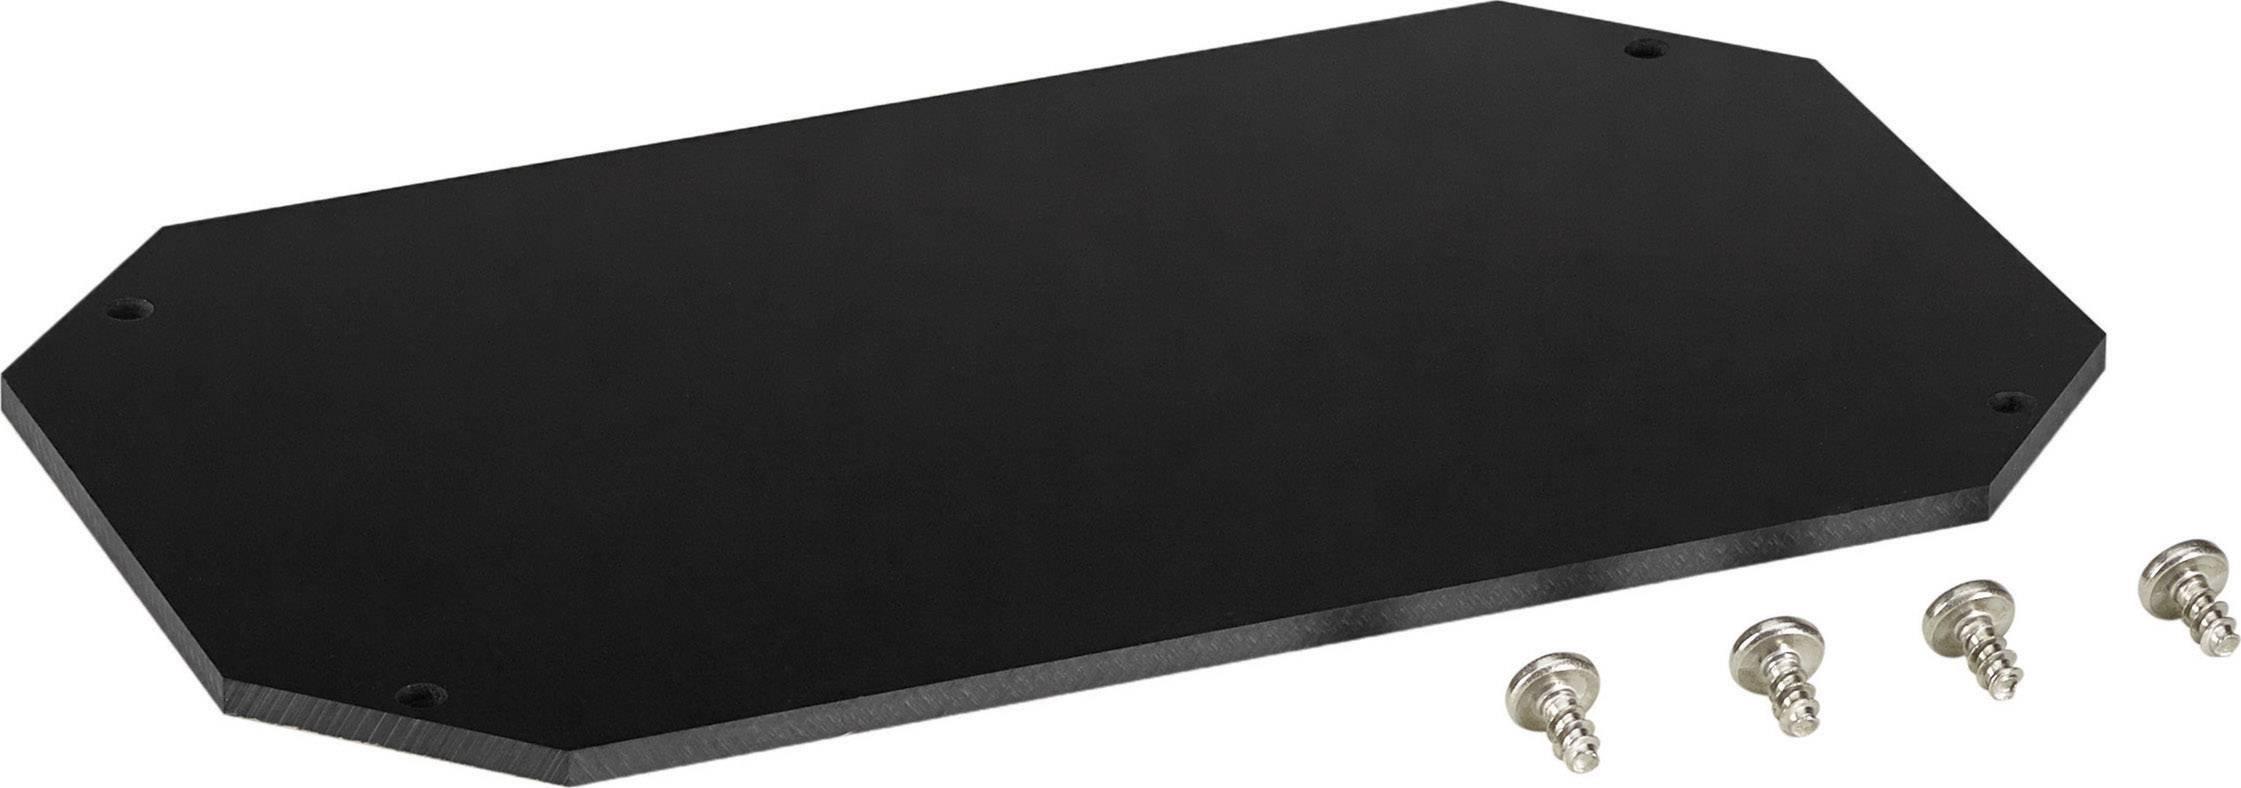 Montážní deska Fibox ARCA 8120743, (d x š) 400 mm x 300 mm, plast, 1 ks